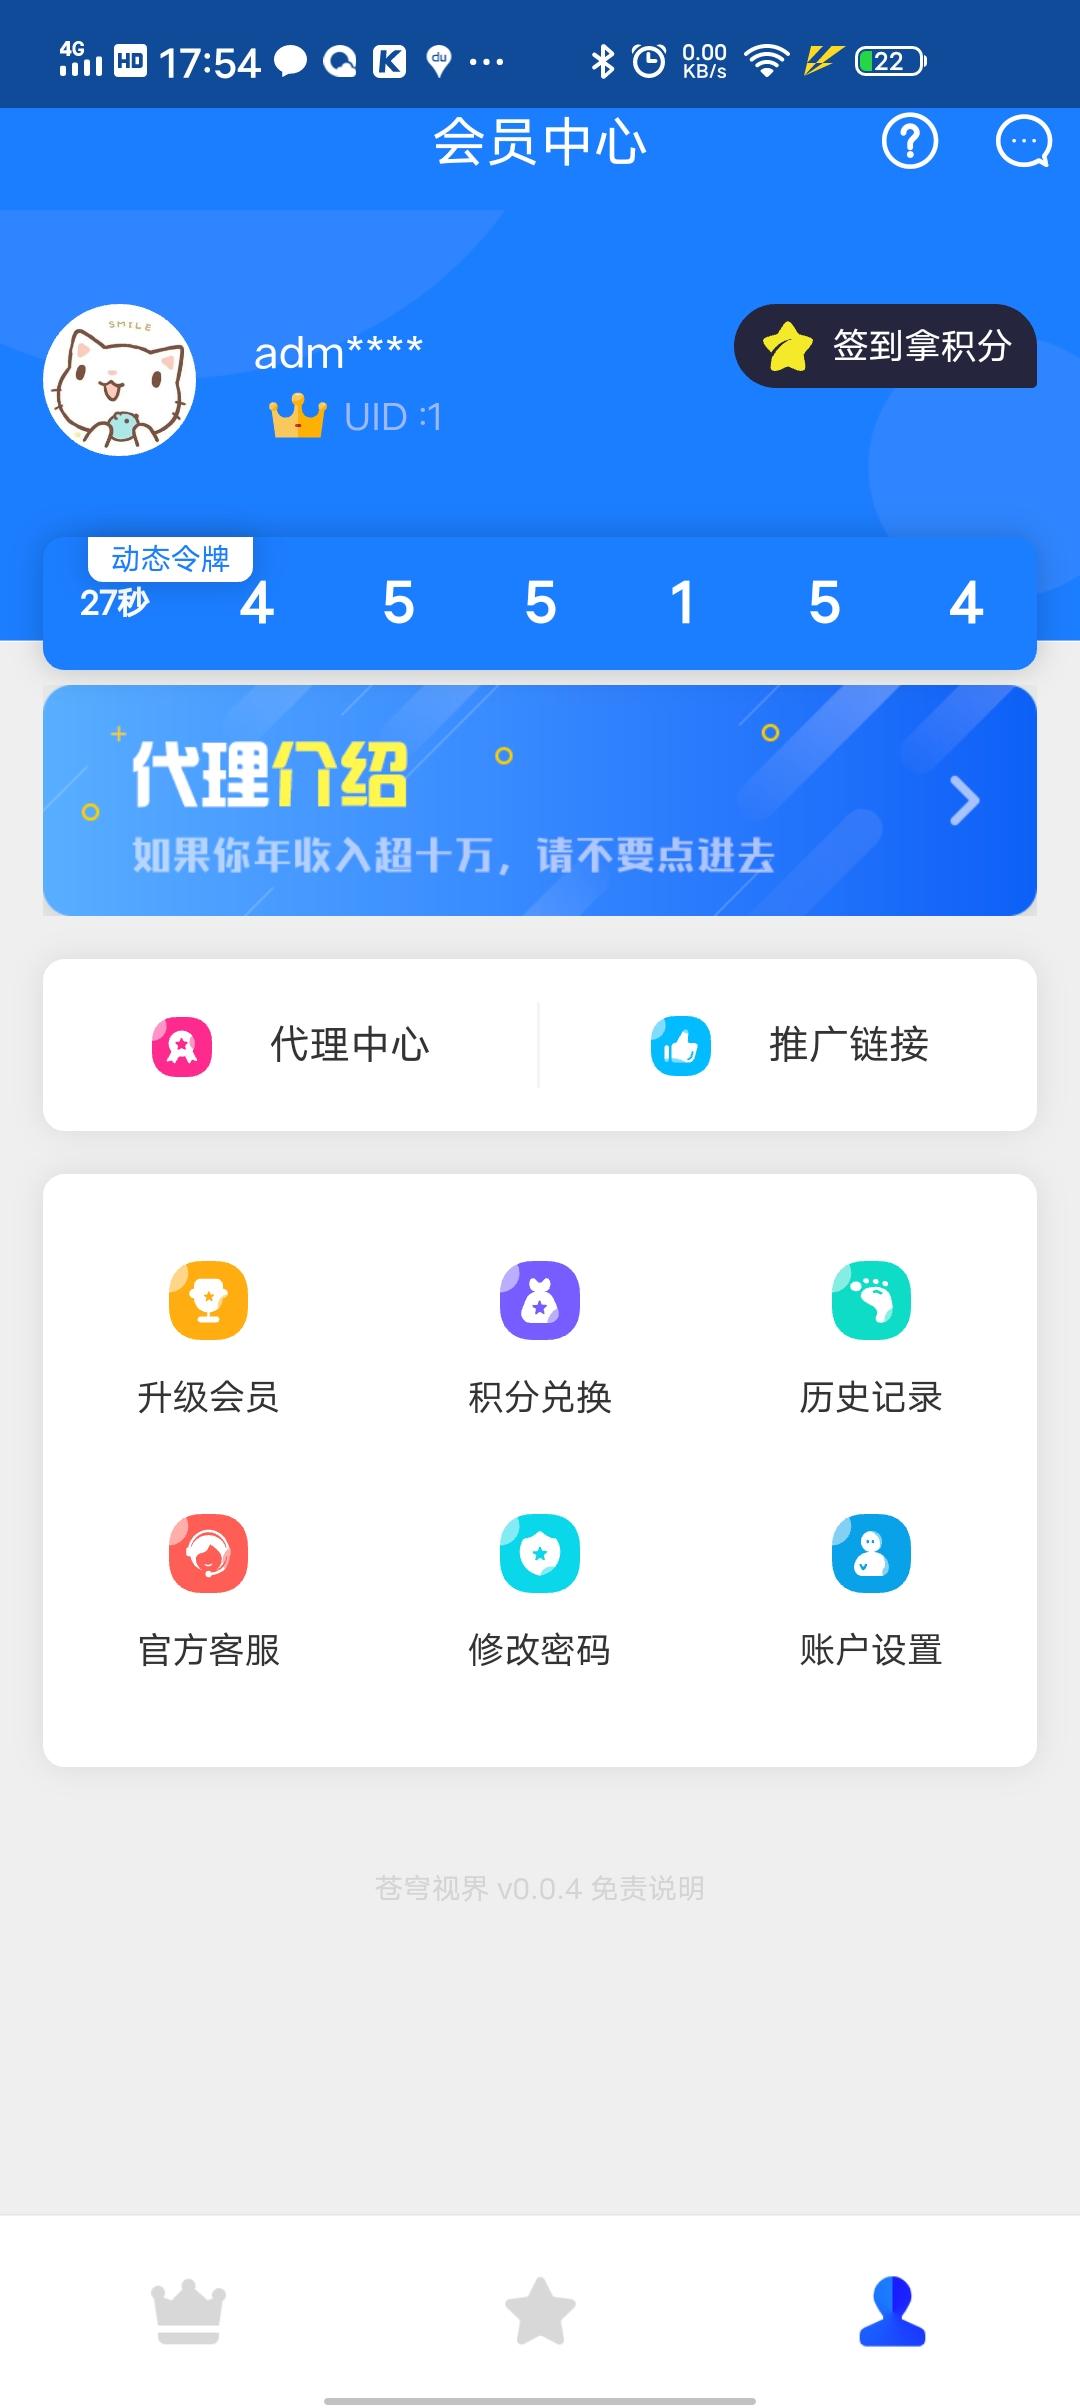 苍穹影视V20七彩视界开源全解公益版,全新后台非常漂亮-蜜桃源码网